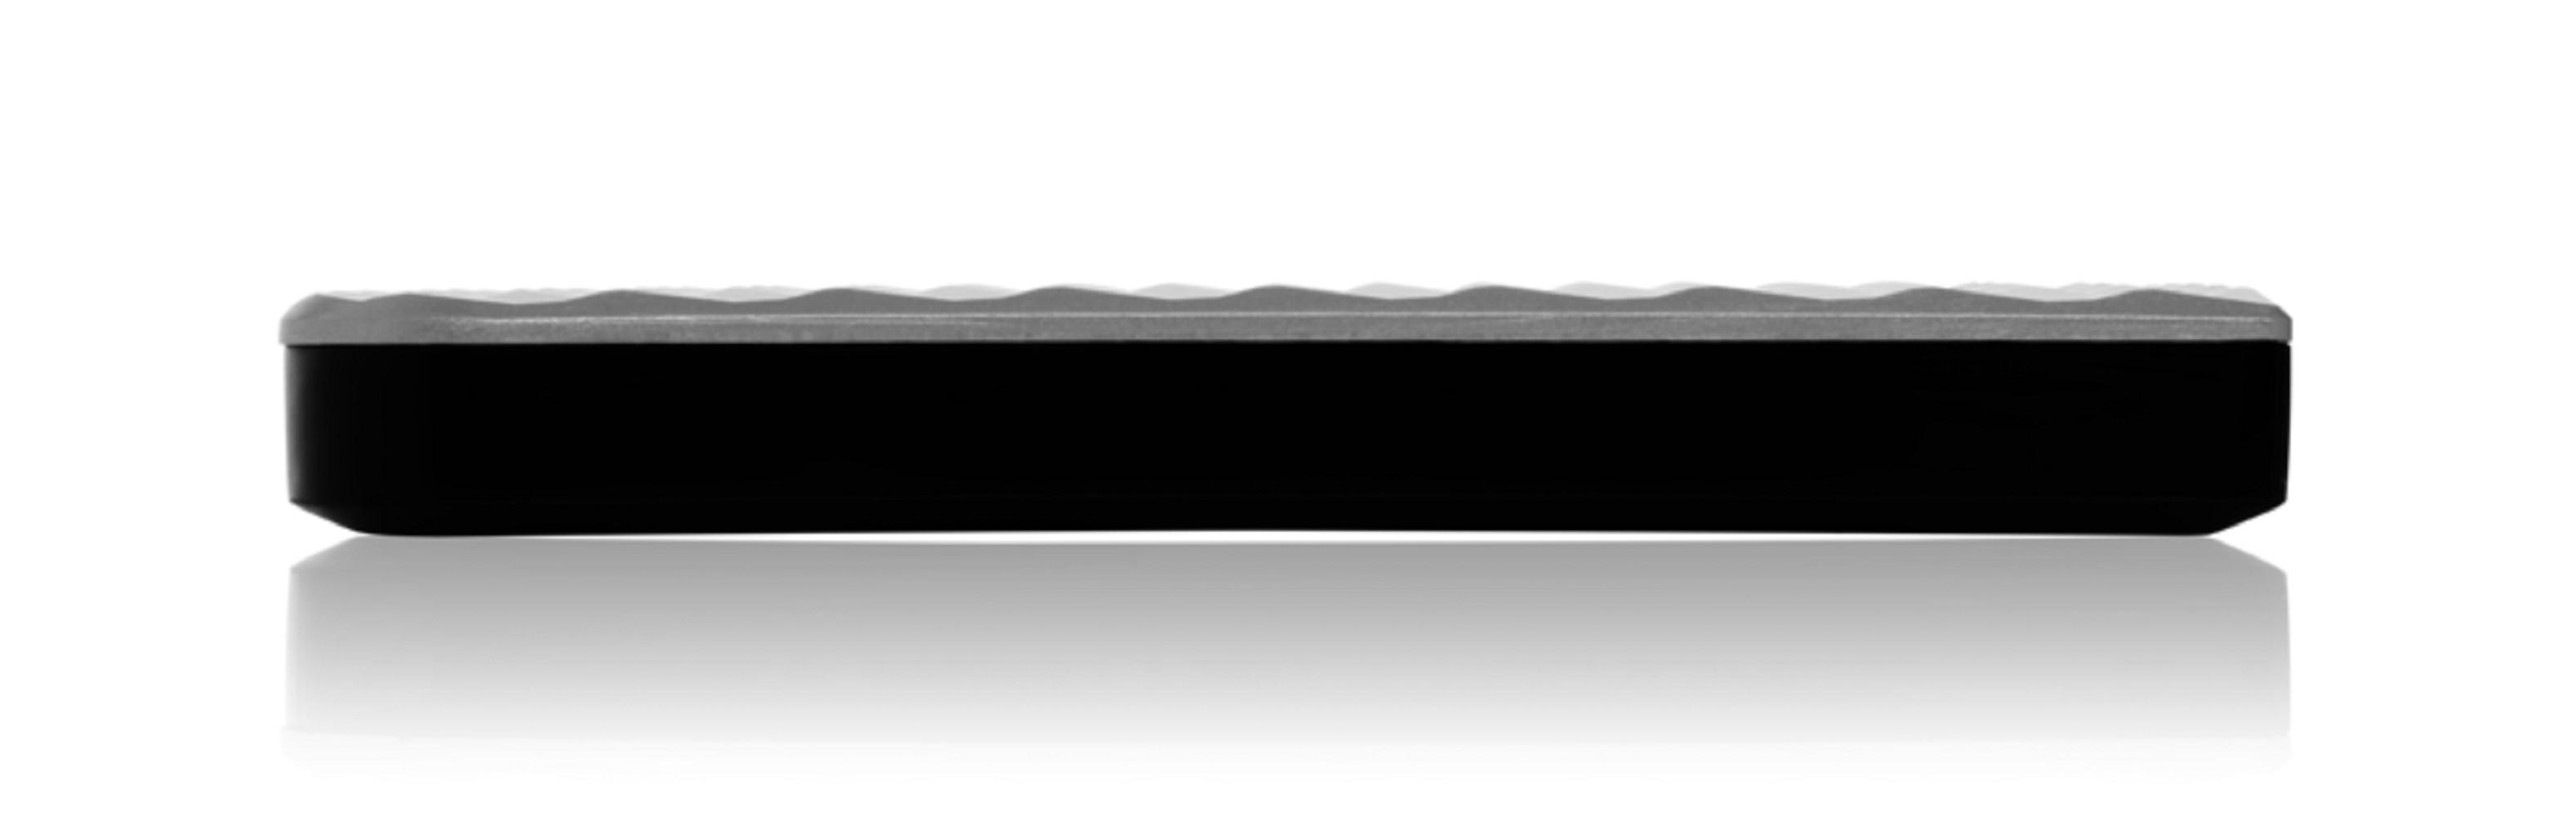 Ổ cứng di động Verbatim 2.5' USB 3.0 2TB (Bạc) - Hàng chính hãng